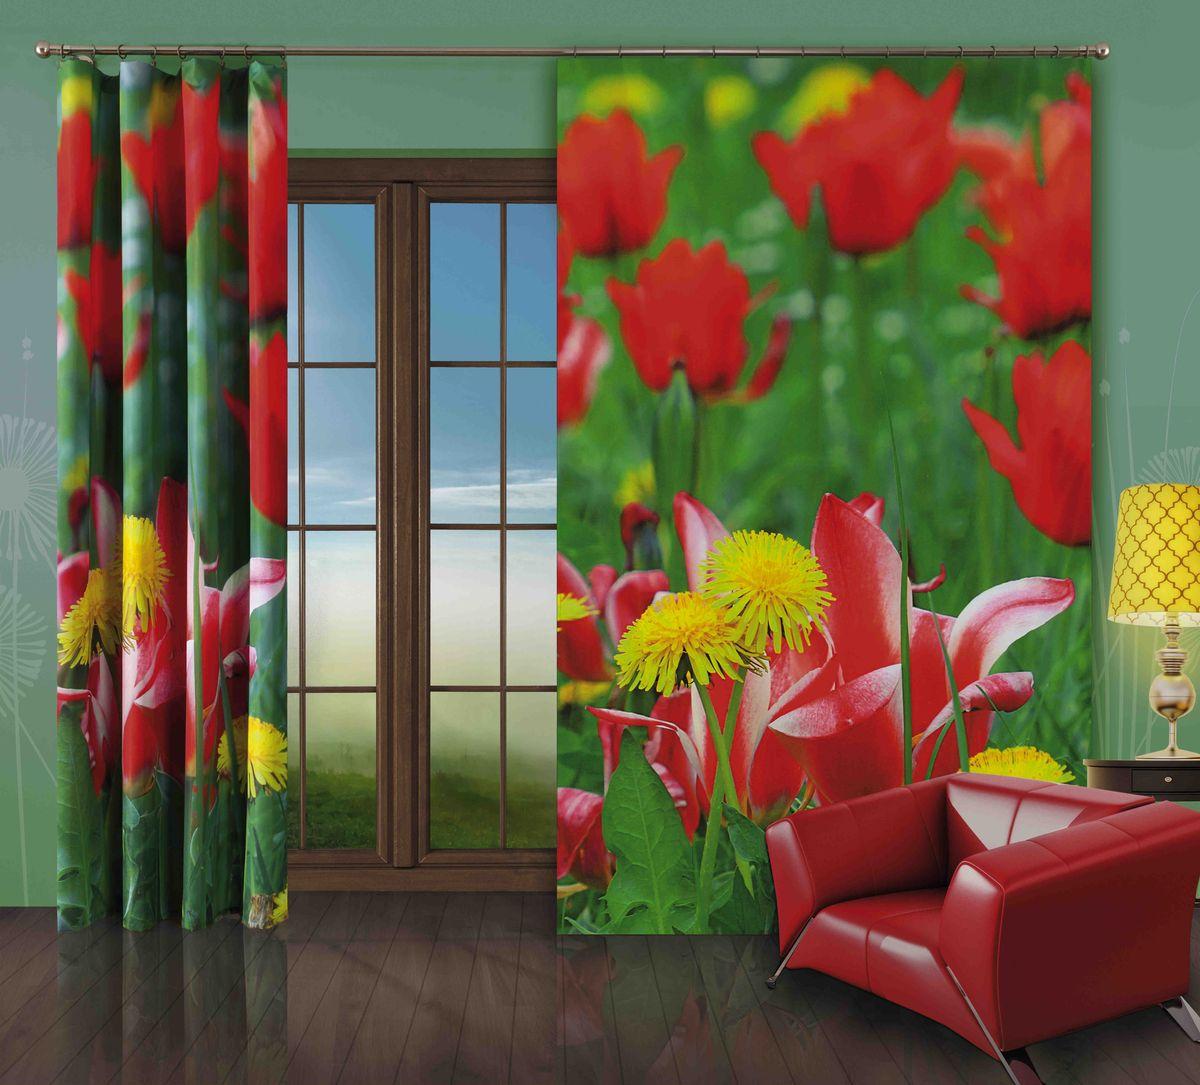 Комплект гардин-панно Wisan Tulipany, на ленте, цвет: зеленый, красный, высота 250 см088WКомплект гардин-панно Wisan Tulipany, изготовленный из полиэстера, станет великолепным украшением любого окна. В комплект входят 2 плотные гардины с изображением летнего луга.Качественный материал, оригинальный дизайн и приятная цветовая гамма привлекут к себе внимание и органично впишутся в интерьер. Комплект оснащен шторной лентой для красивой сборки.Размер гардин-панно: 150 см х 250 см.Фирма Wisan на польском рынке существует уже более пятидесяти лет и является одной из лучших польских фабрик по производству штор и тканей. Ассортимент фирмы представлен готовыми комплектами штор для гостиной, детской, кухни, а также текстилем для кухни (скатерти, салфетки, дорожки, кухонные занавески). Модельный ряд отличает оригинальный дизайн, высокое качество. Ассортимент продукции постоянно пополняется.